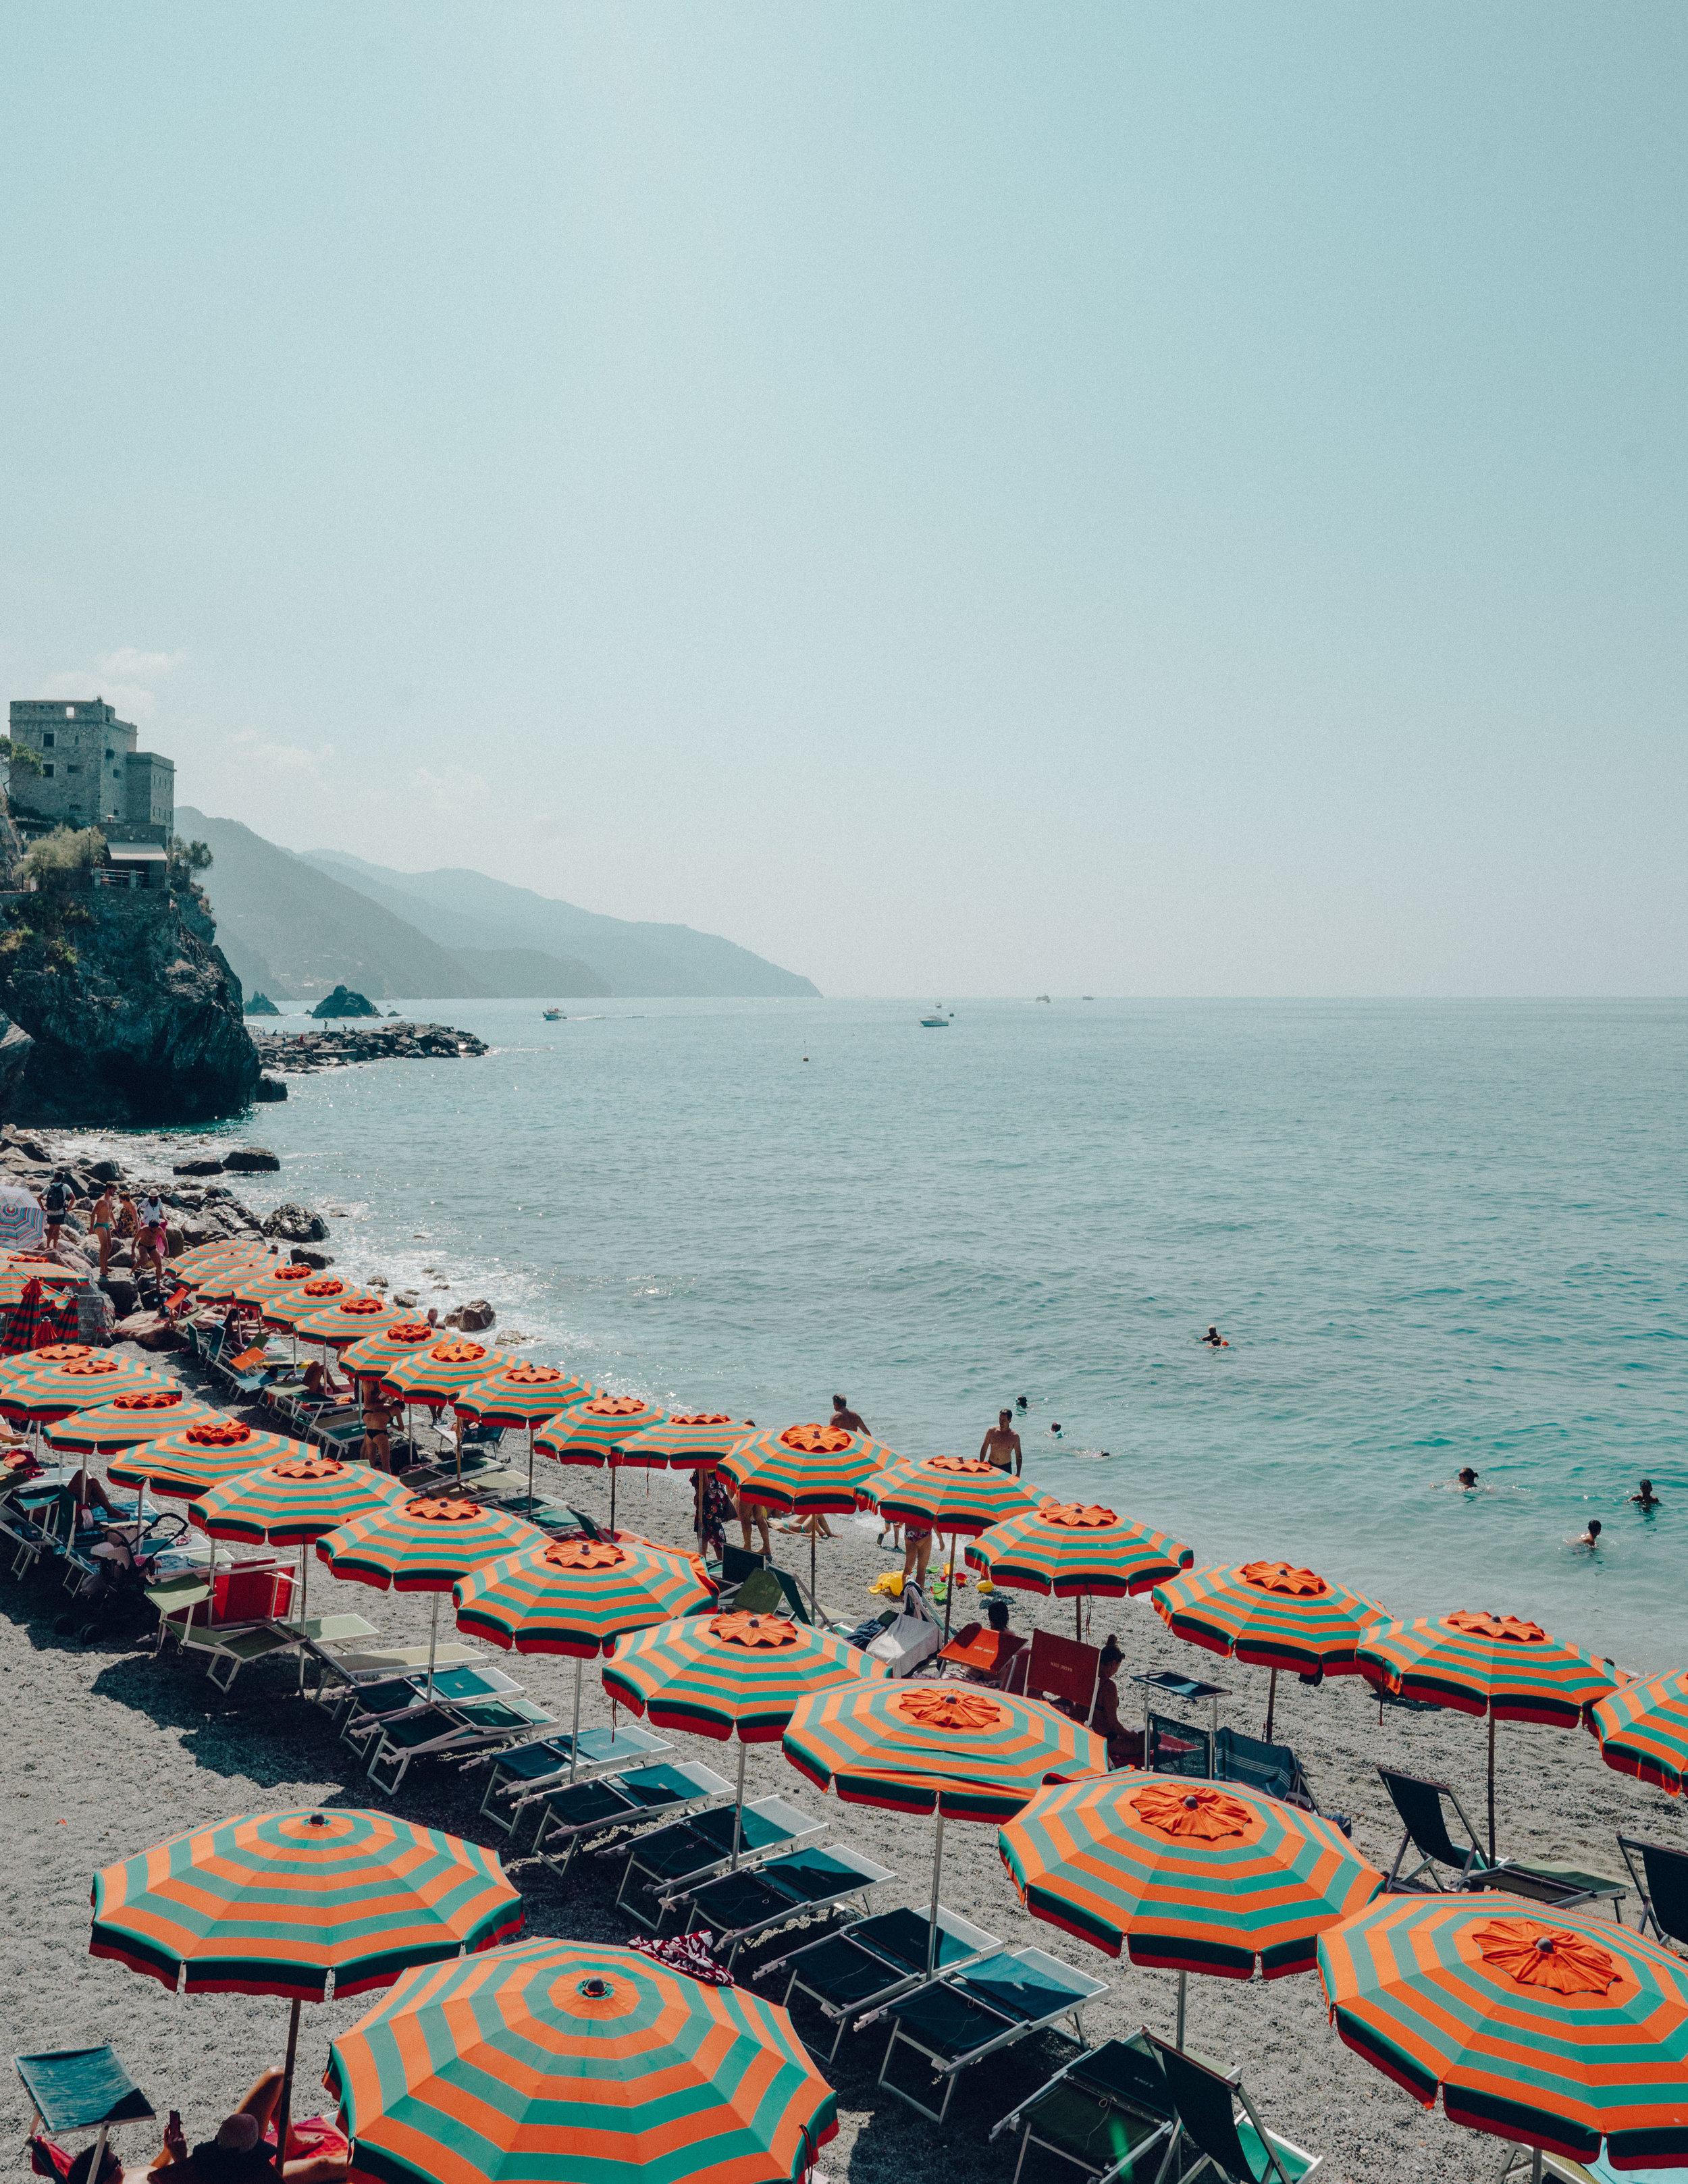 ASROSENVINGE_Roadtrip_Italy_Cinque_Terre-07942.jpg